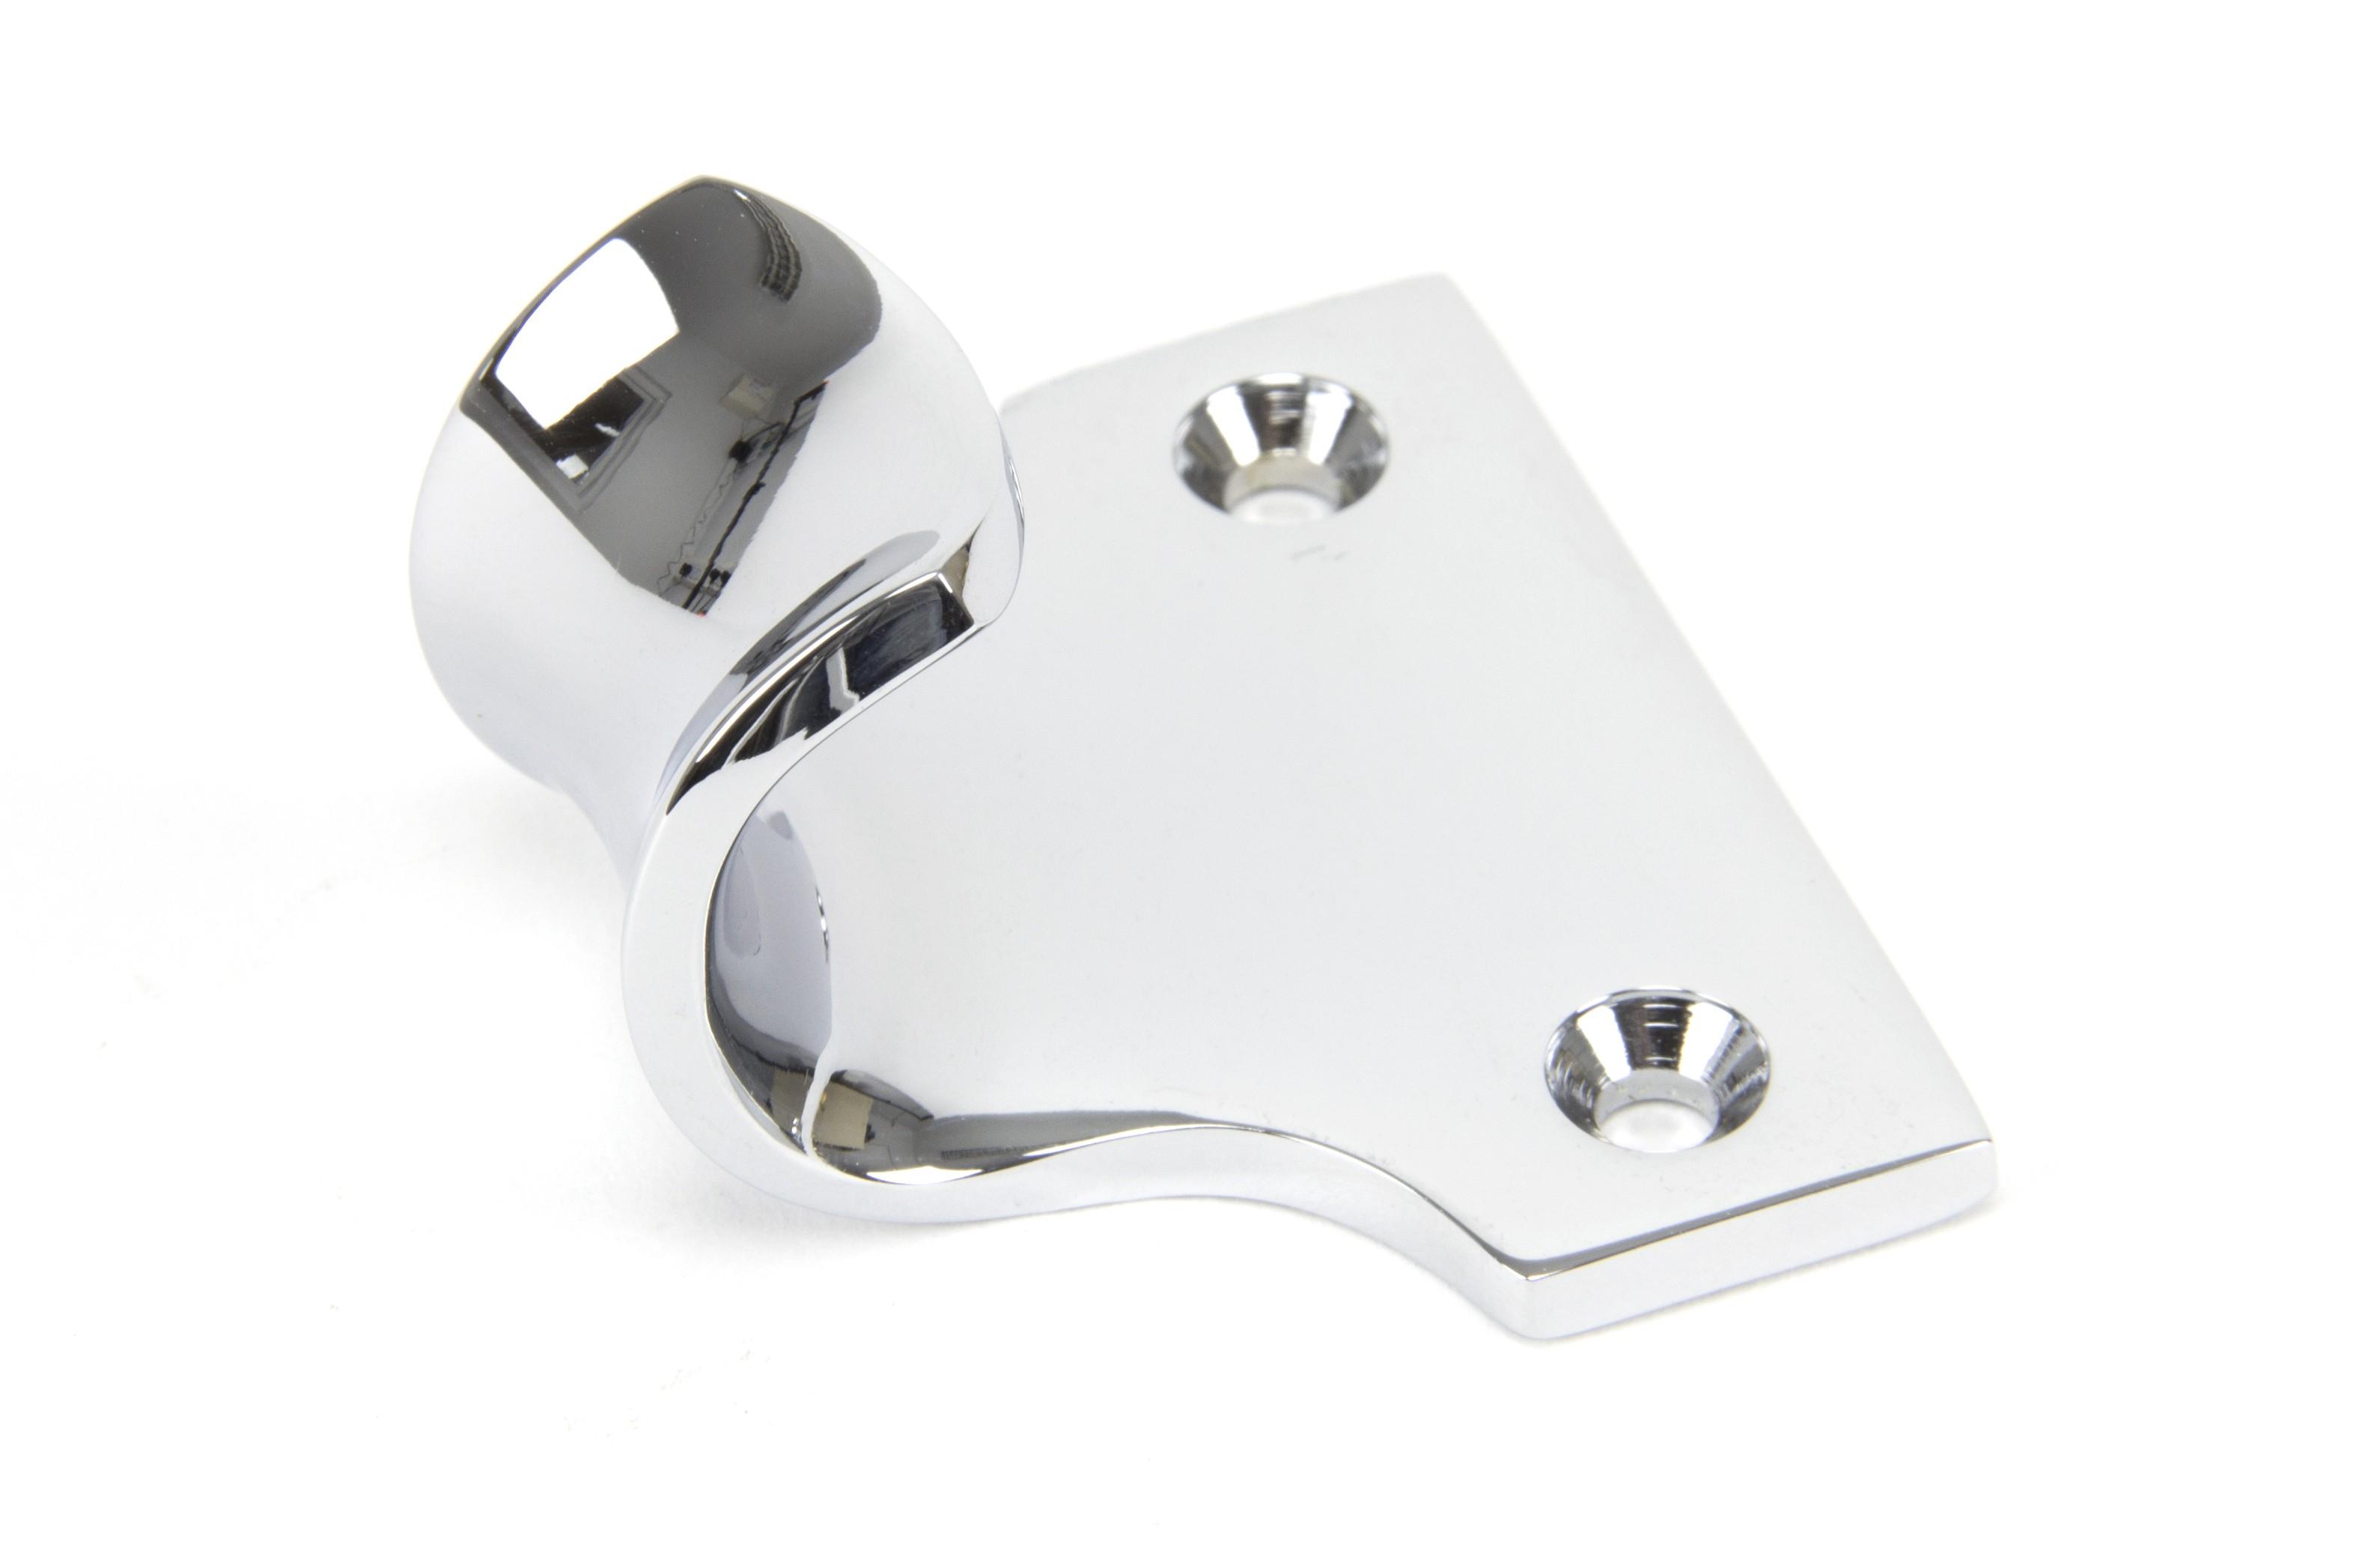 ANVIL - Polished Chrome Sash Lift